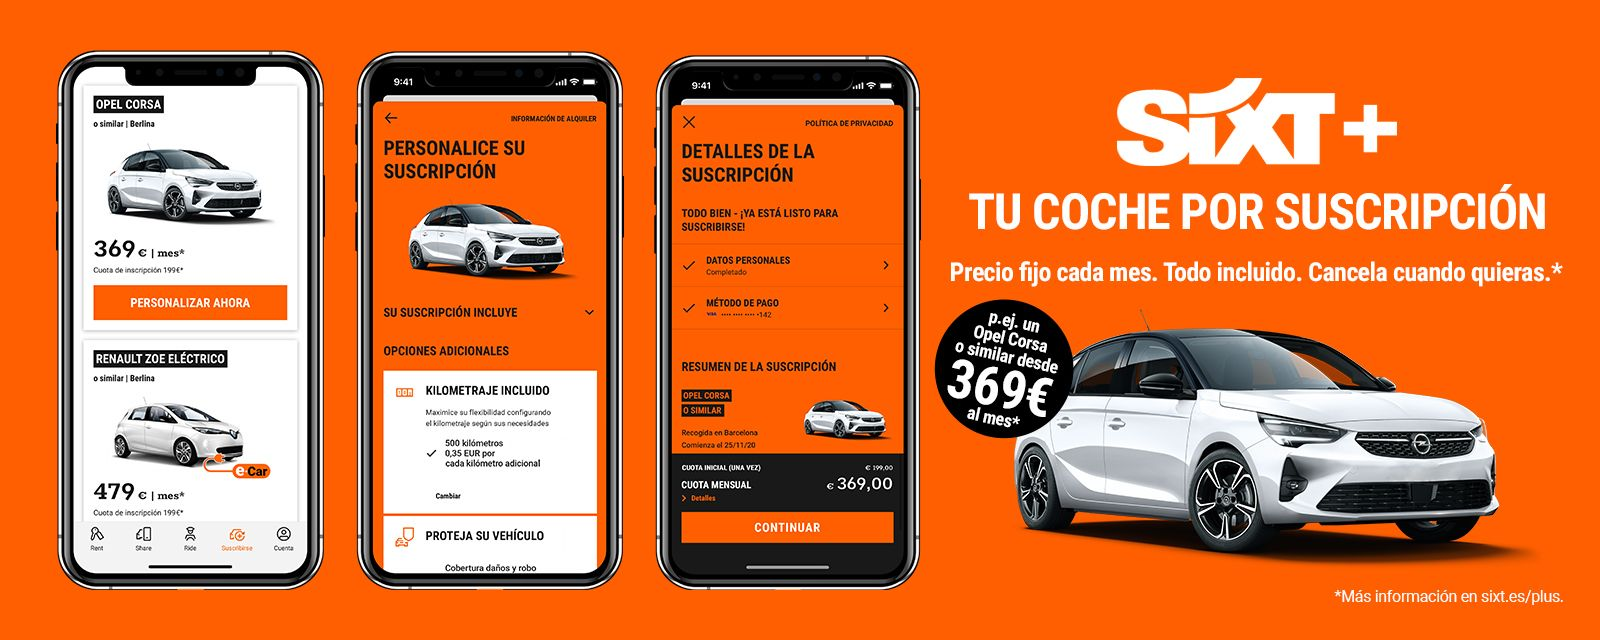 Sixt rent a car se reinventa y lanza los coches por suscripción desde 369 €, todo incluido